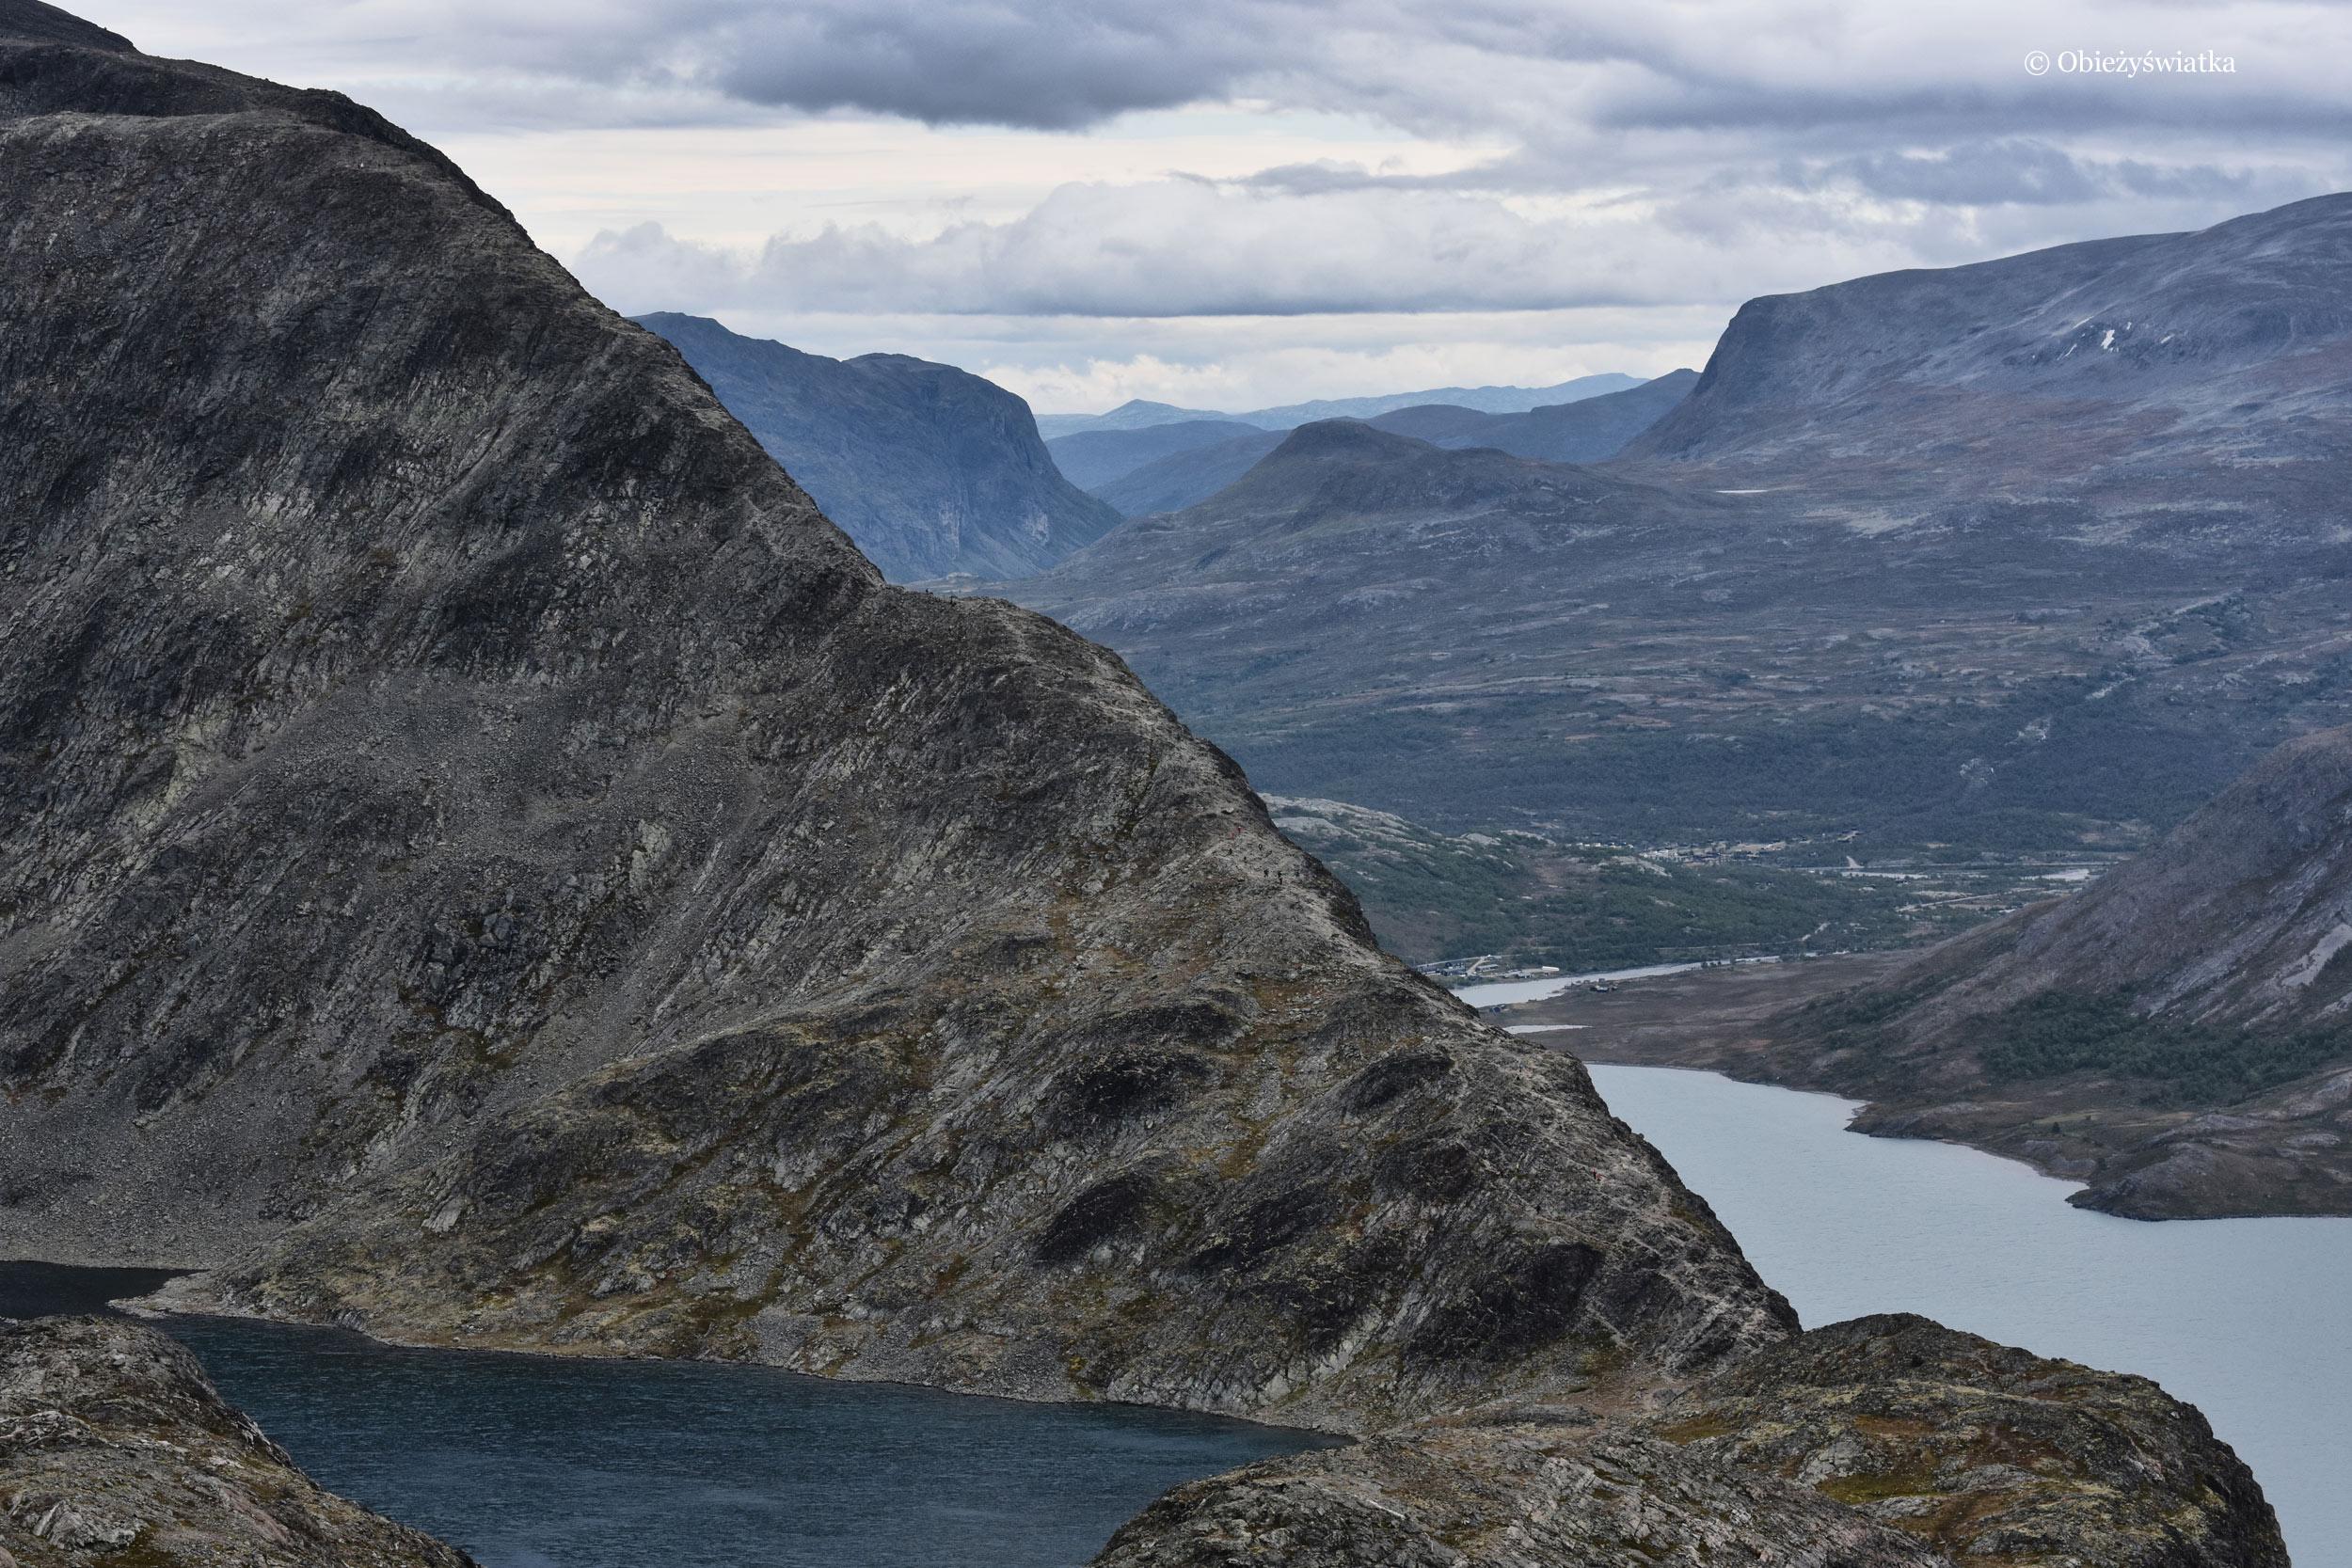 Dwa jeziora - Gjende i Bessvatnet, szlak na Besseggen